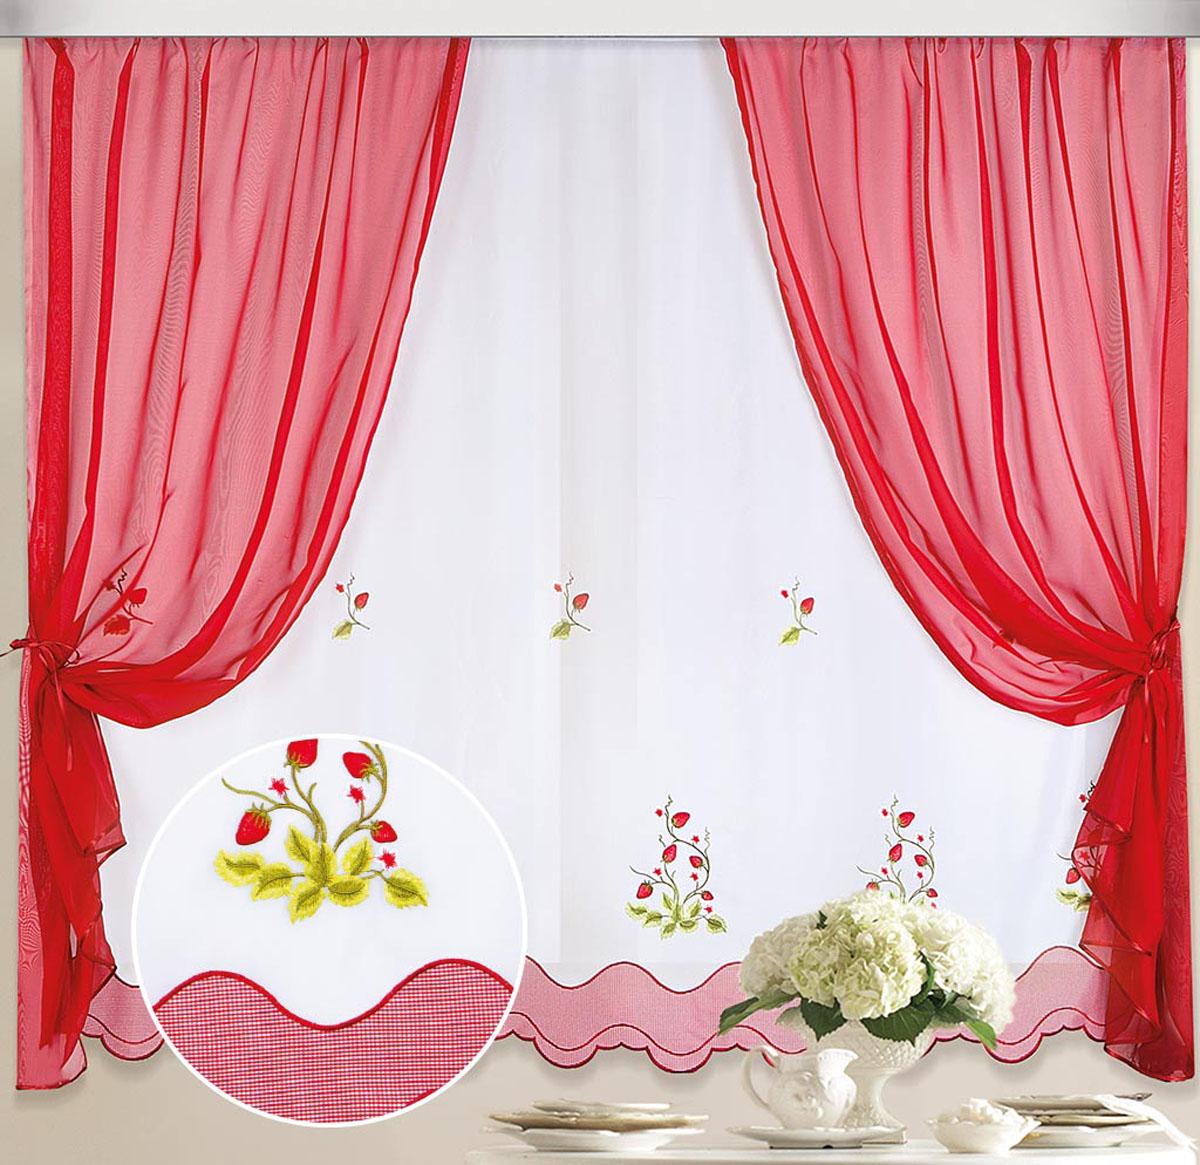 """Комплект штор и тюля """"Земляничка"""" обязательно украсит любое окно.  В комплекте 2 шторы и 1 тюль.Шторы выполнены из качественного вуалевого полотна (полиэстера) красного цвета. Тюль также выполнены из качественного вуалевого полотна (полиэстера), по низу украшена волнообразным кантом и украшена вышивкой в видекустов земляники.Полупрозрачные ткани, оригинальный дизайн и приятная цветовая гамма привлекут к себе внимание и сделают акцент на окне. Штора крепится на карниз при помощи шторной ленты, которая поможет красиво и равномерно задрапировать верх. Стирка не более 30 градусов."""